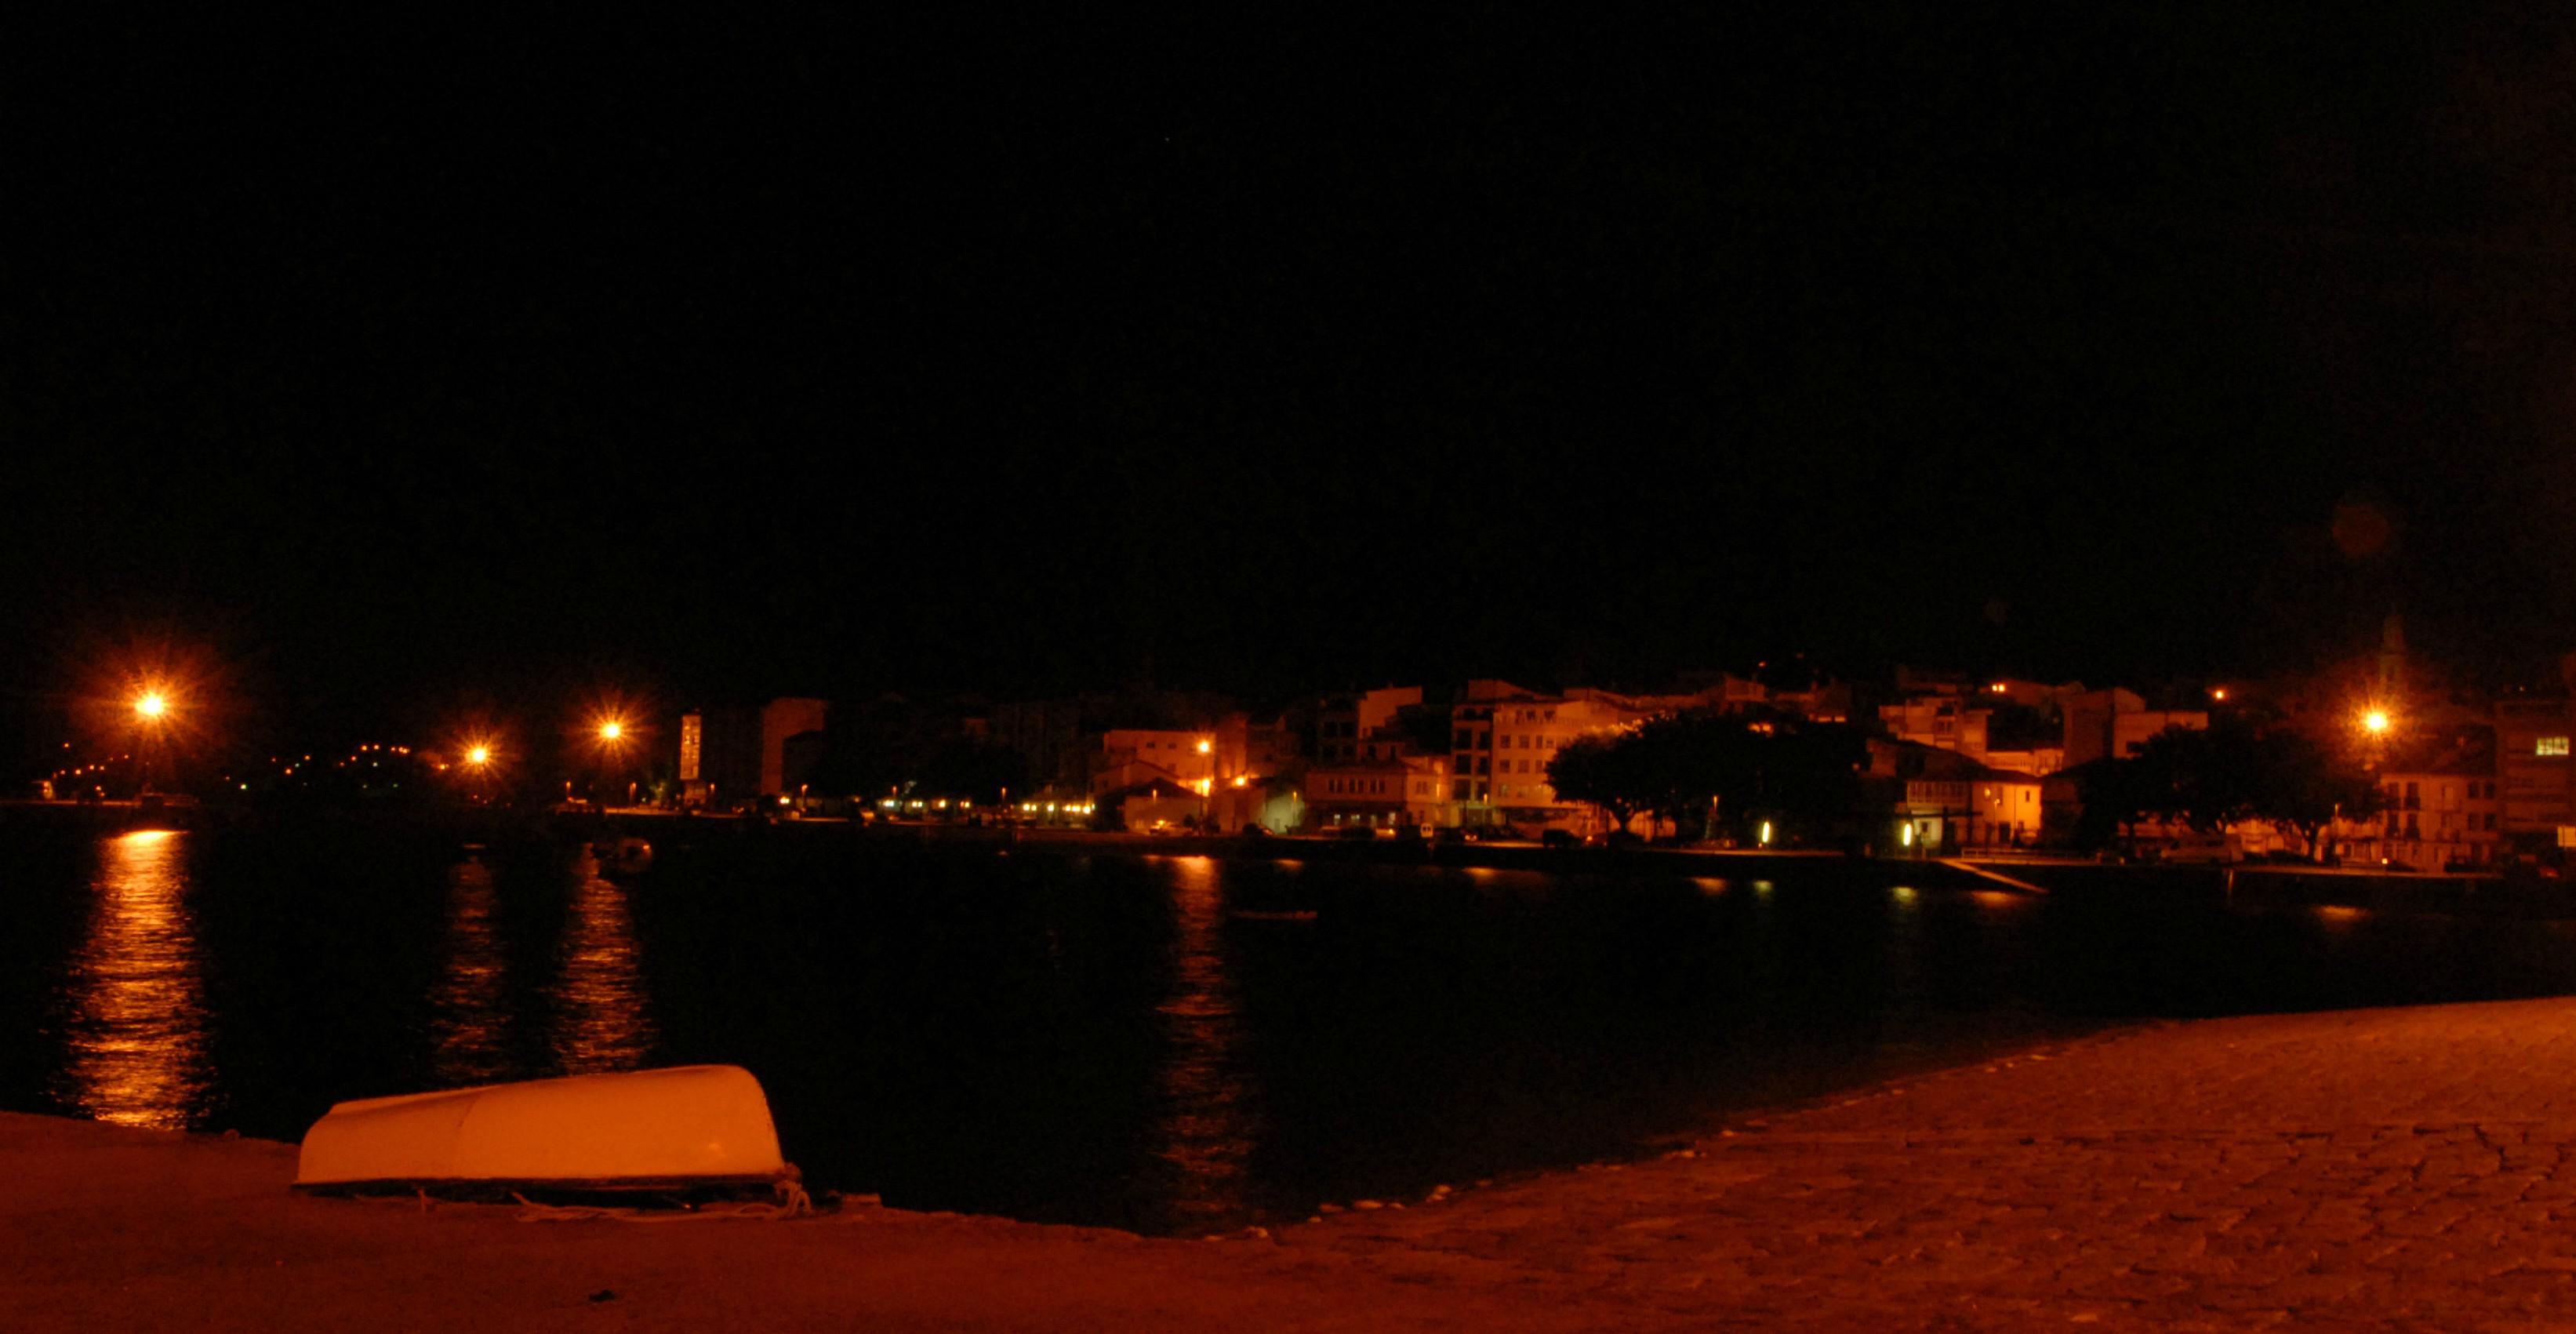 Vista nocturna do porto e  casco histórico da vila, no que destaca a Igrexa de Santa Comba